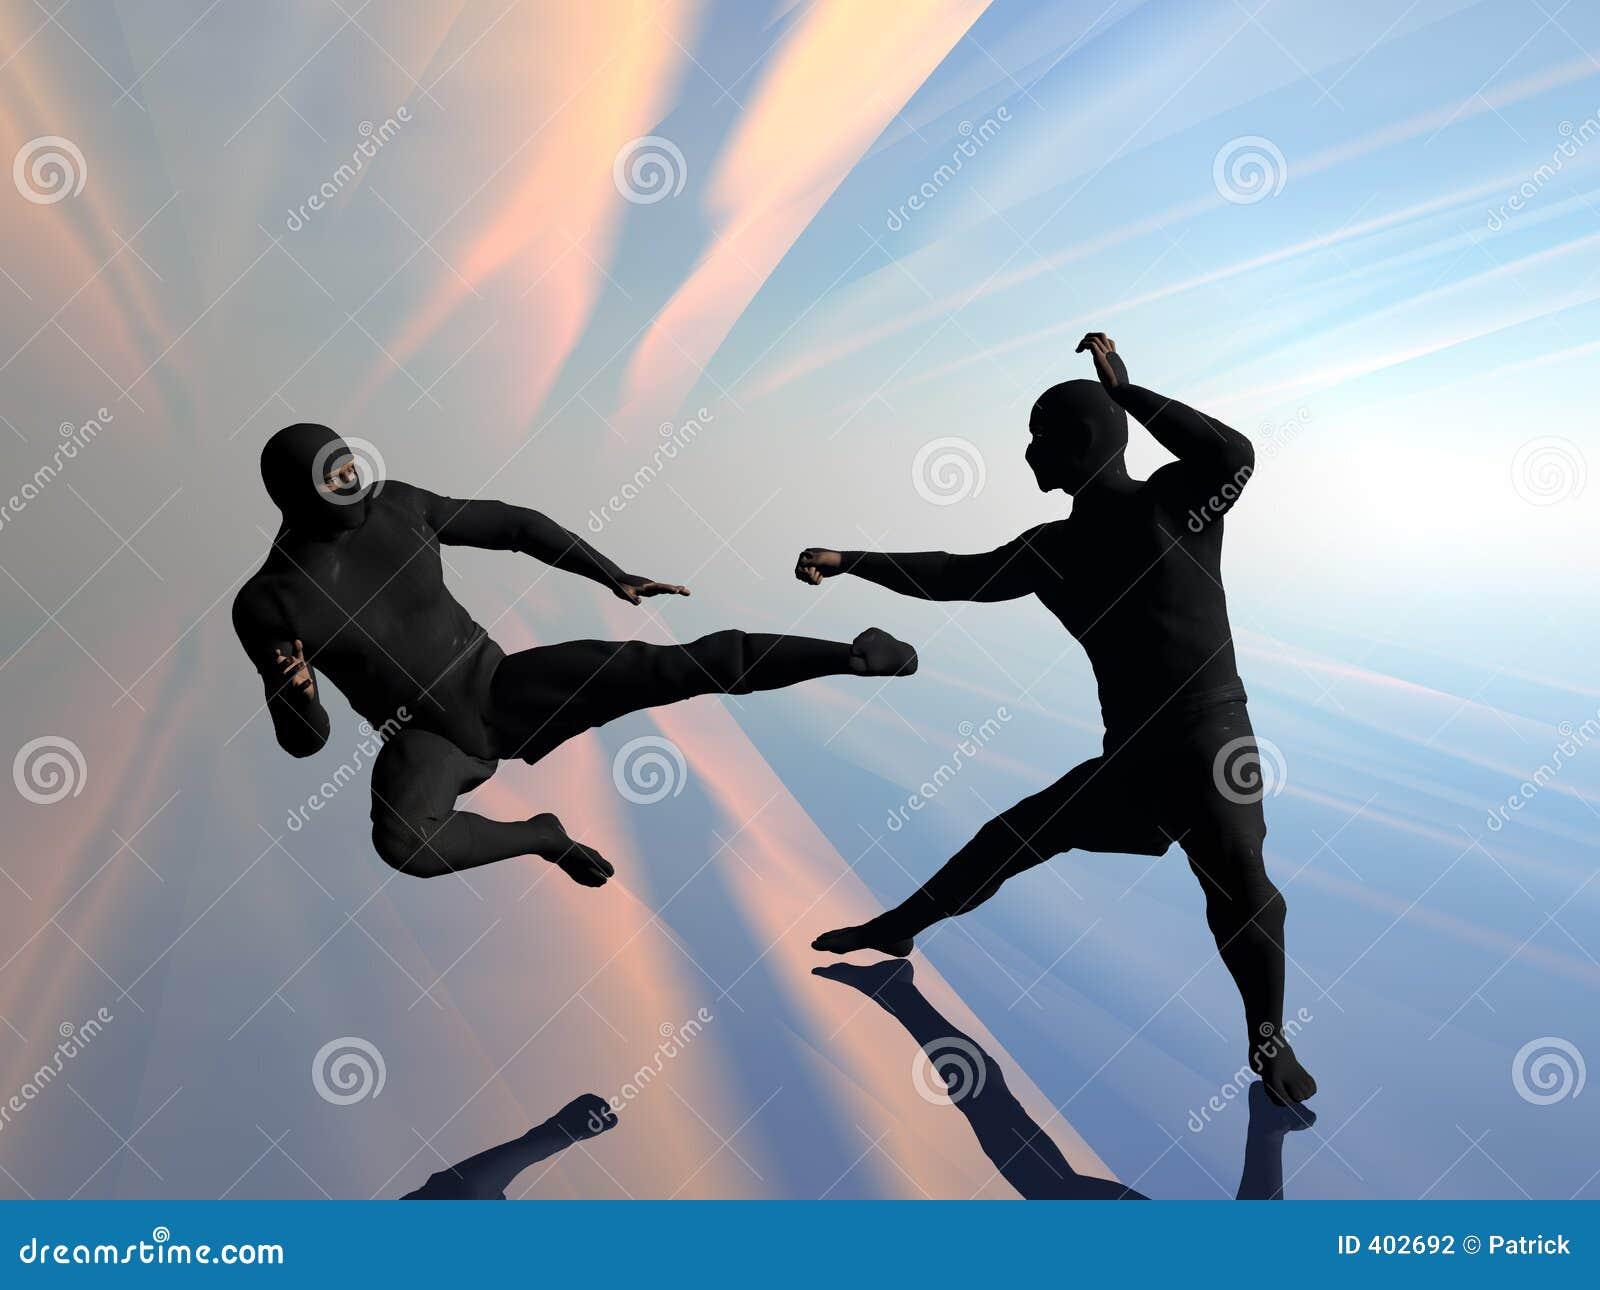 Ninja dos en lucha.